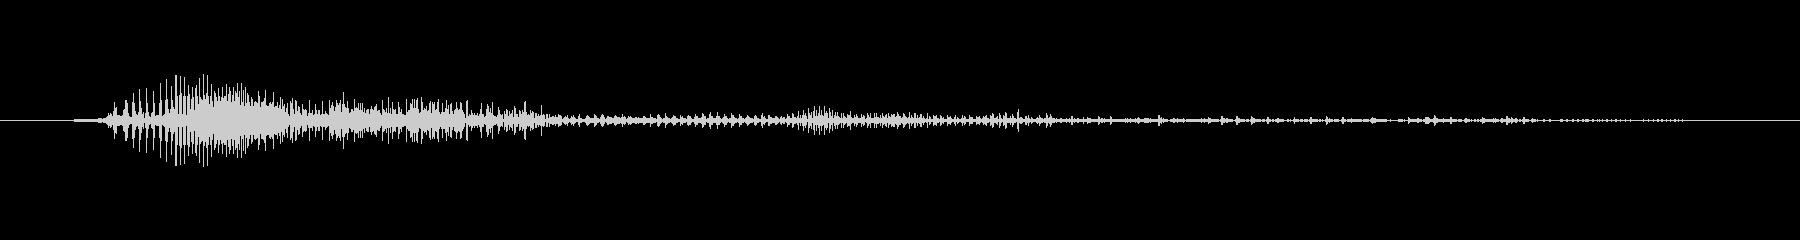 鳴き声 男性のうなる睡眠04の未再生の波形